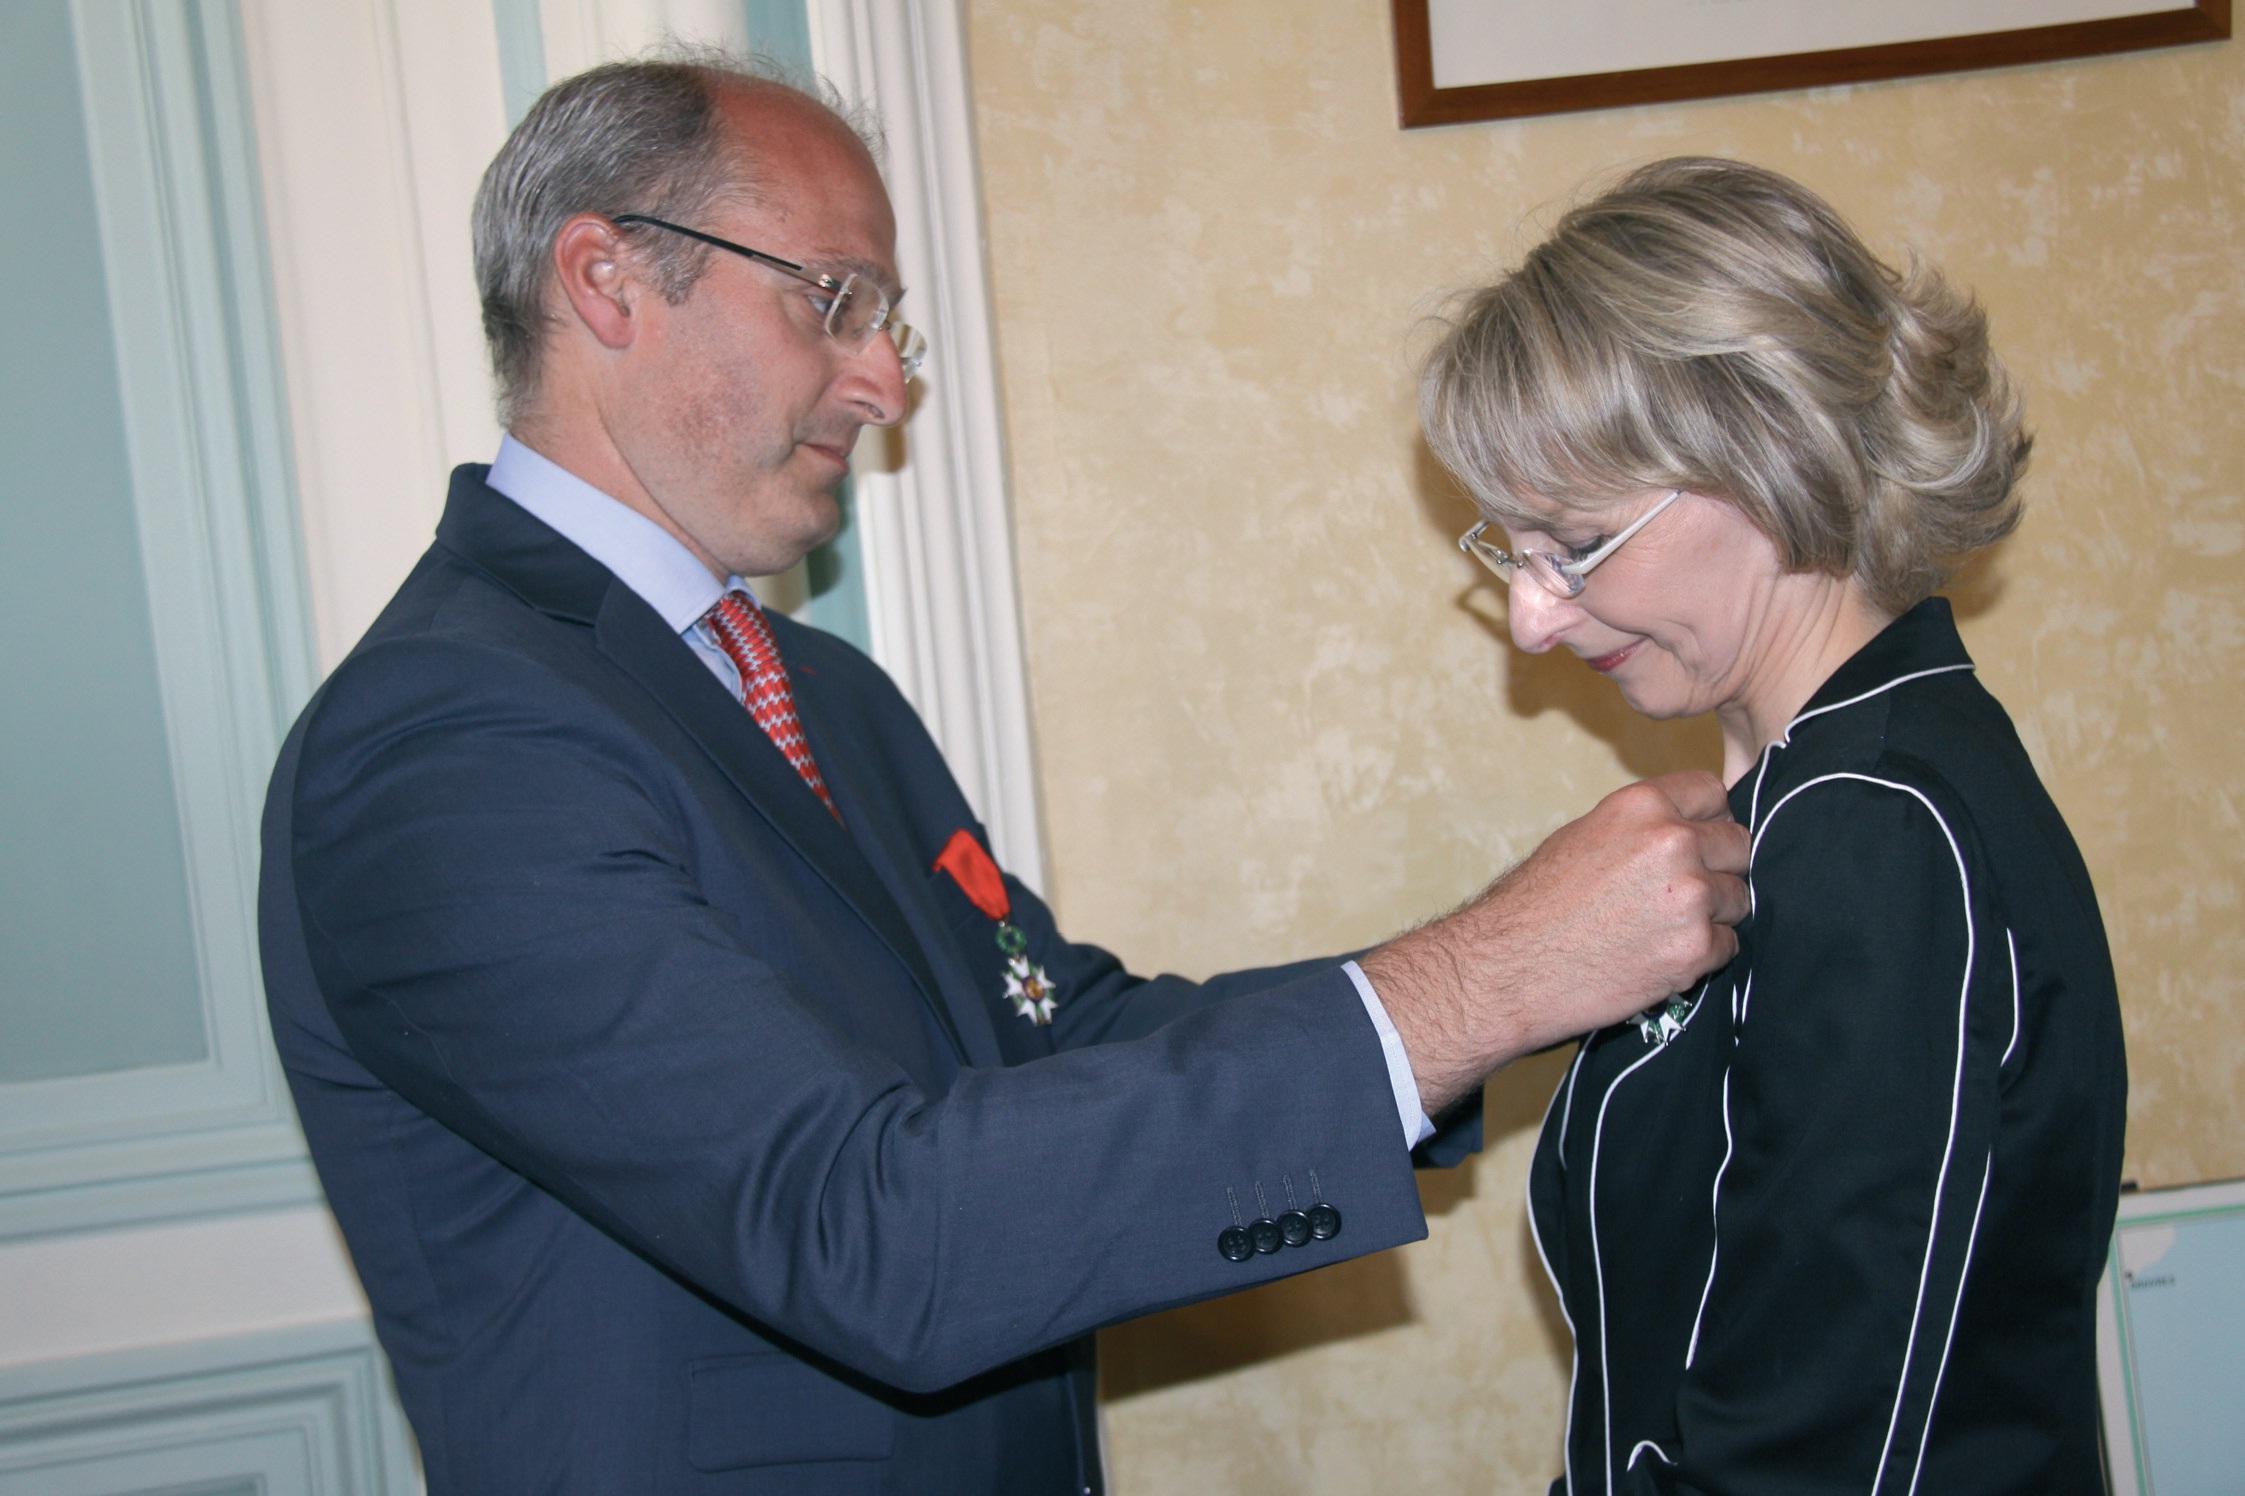 Me Véronique Dhotel reçoit avec émotion les insignes de chevalier dans l'ordre de la Légion d'honneur des mains de Me Benoît Renaud.